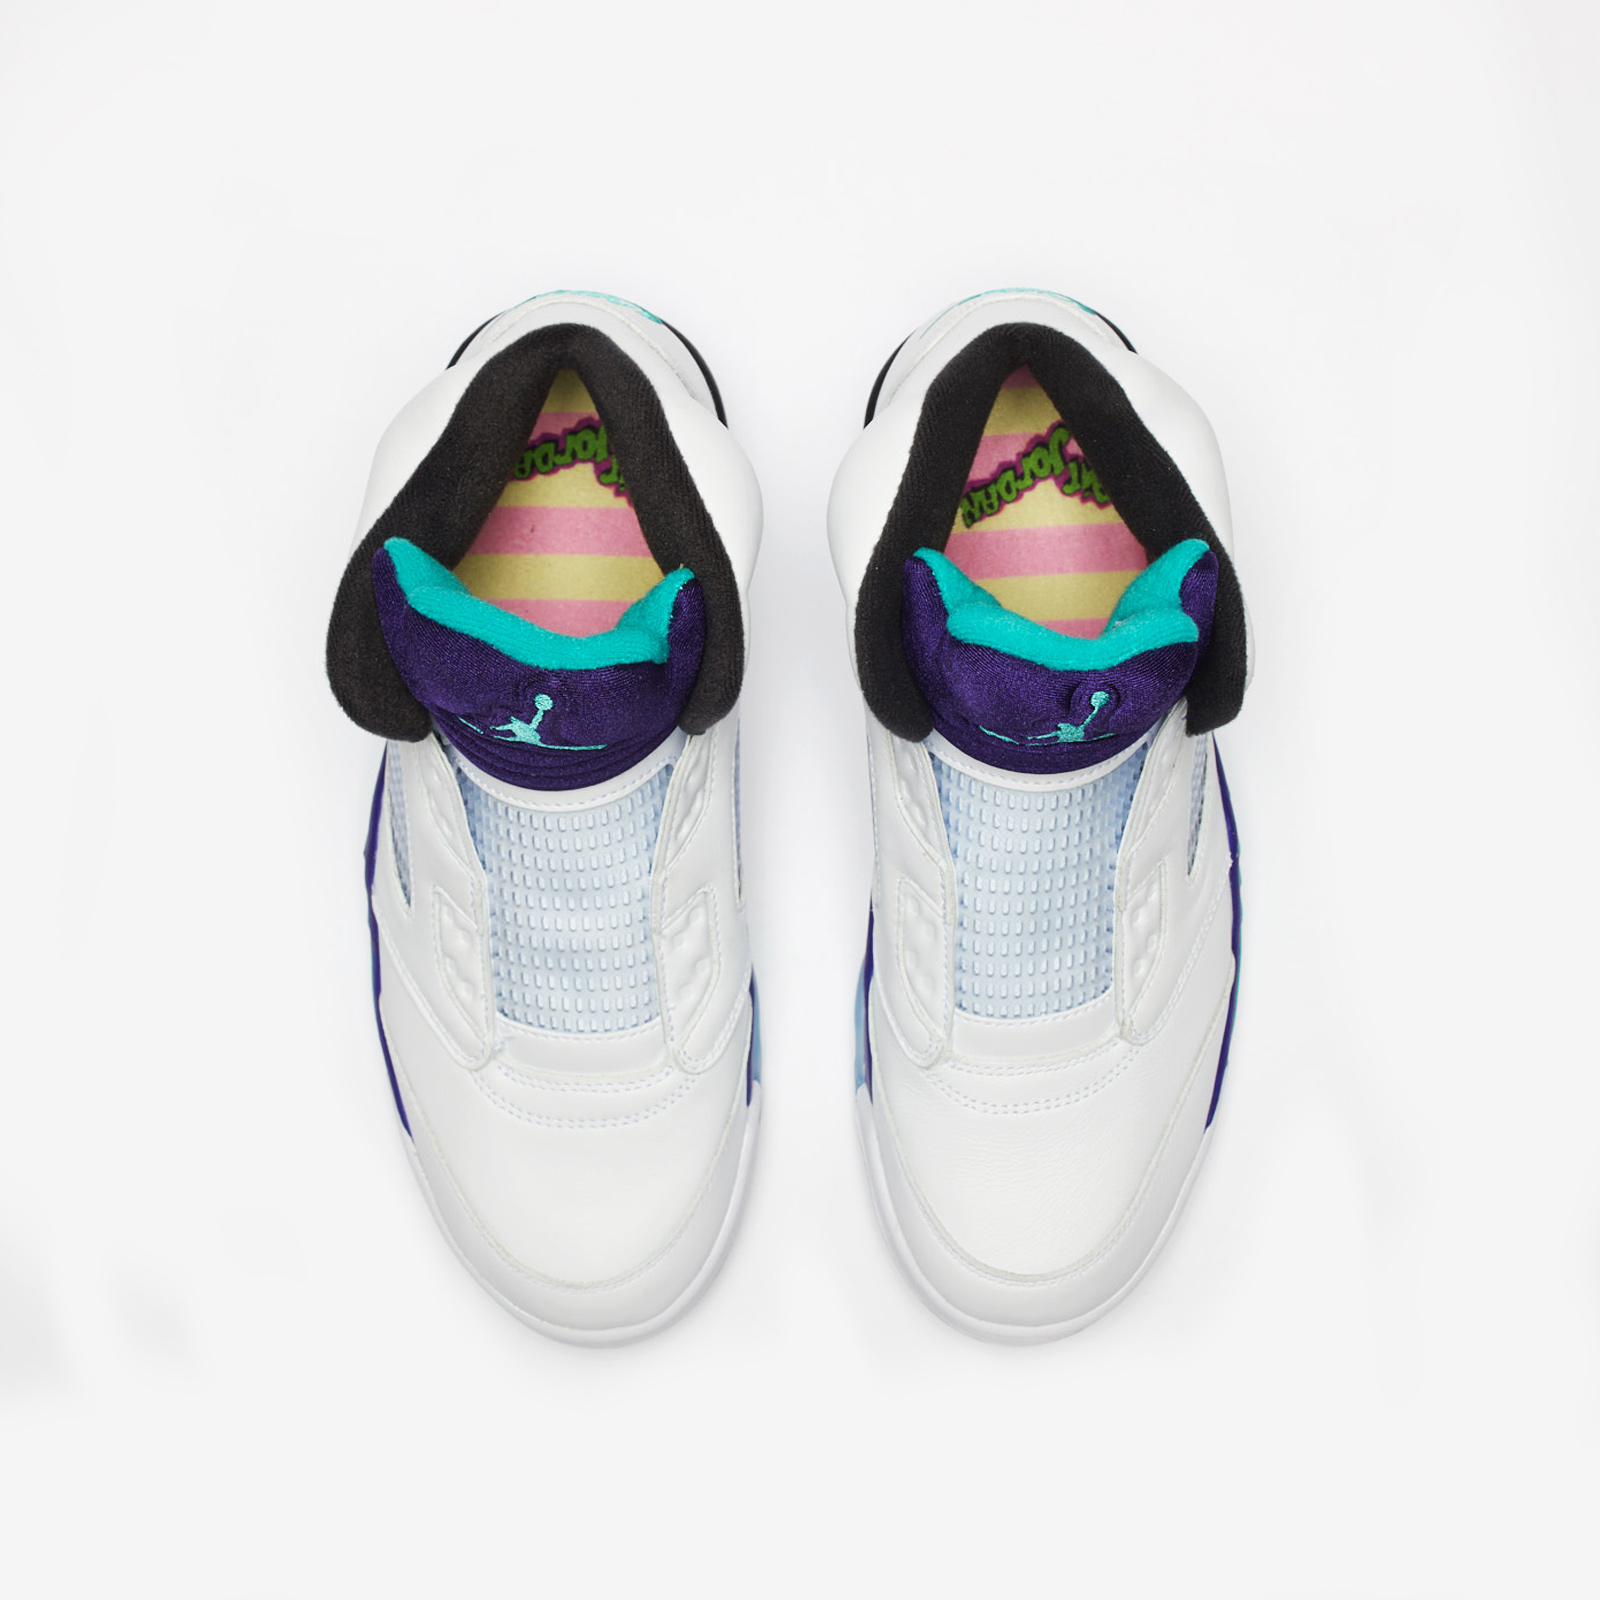 acf2321a0e62 Jordan Brand Air Jordan 5 Retro NRG - Av3919-135 - Sneakersnstuff ...